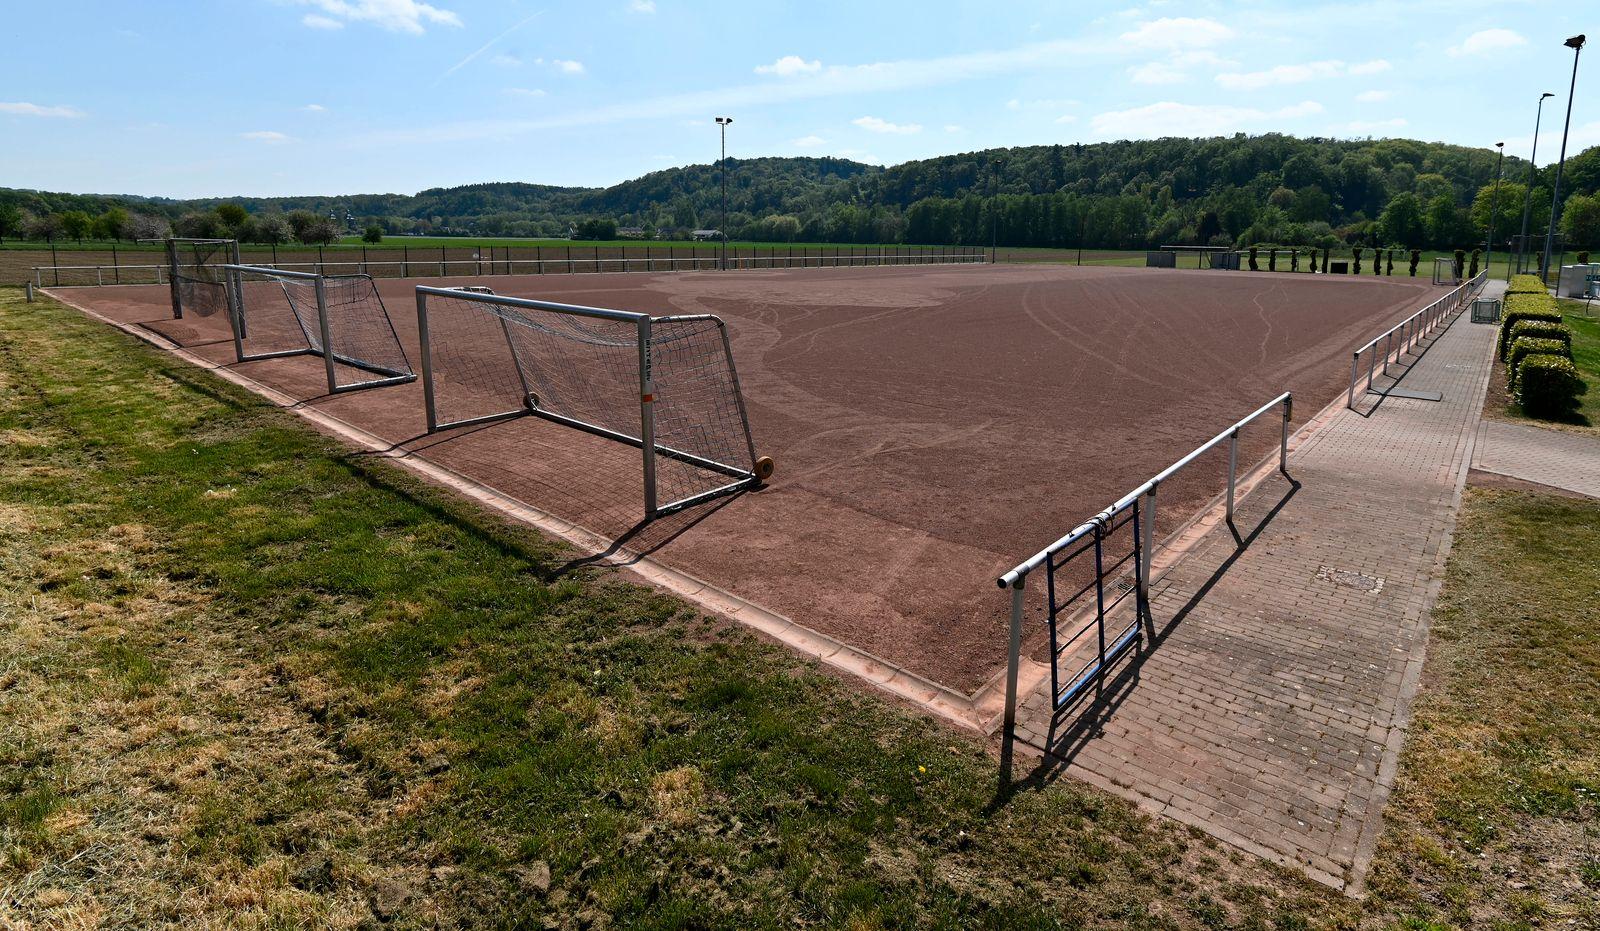 CORONA-PANDEMIE,CORONAVIRUS,COVID-19.Der Deutsche Amateur-Fussball steht auf unbestimmte Zeit still.Der Spiel-und Traini